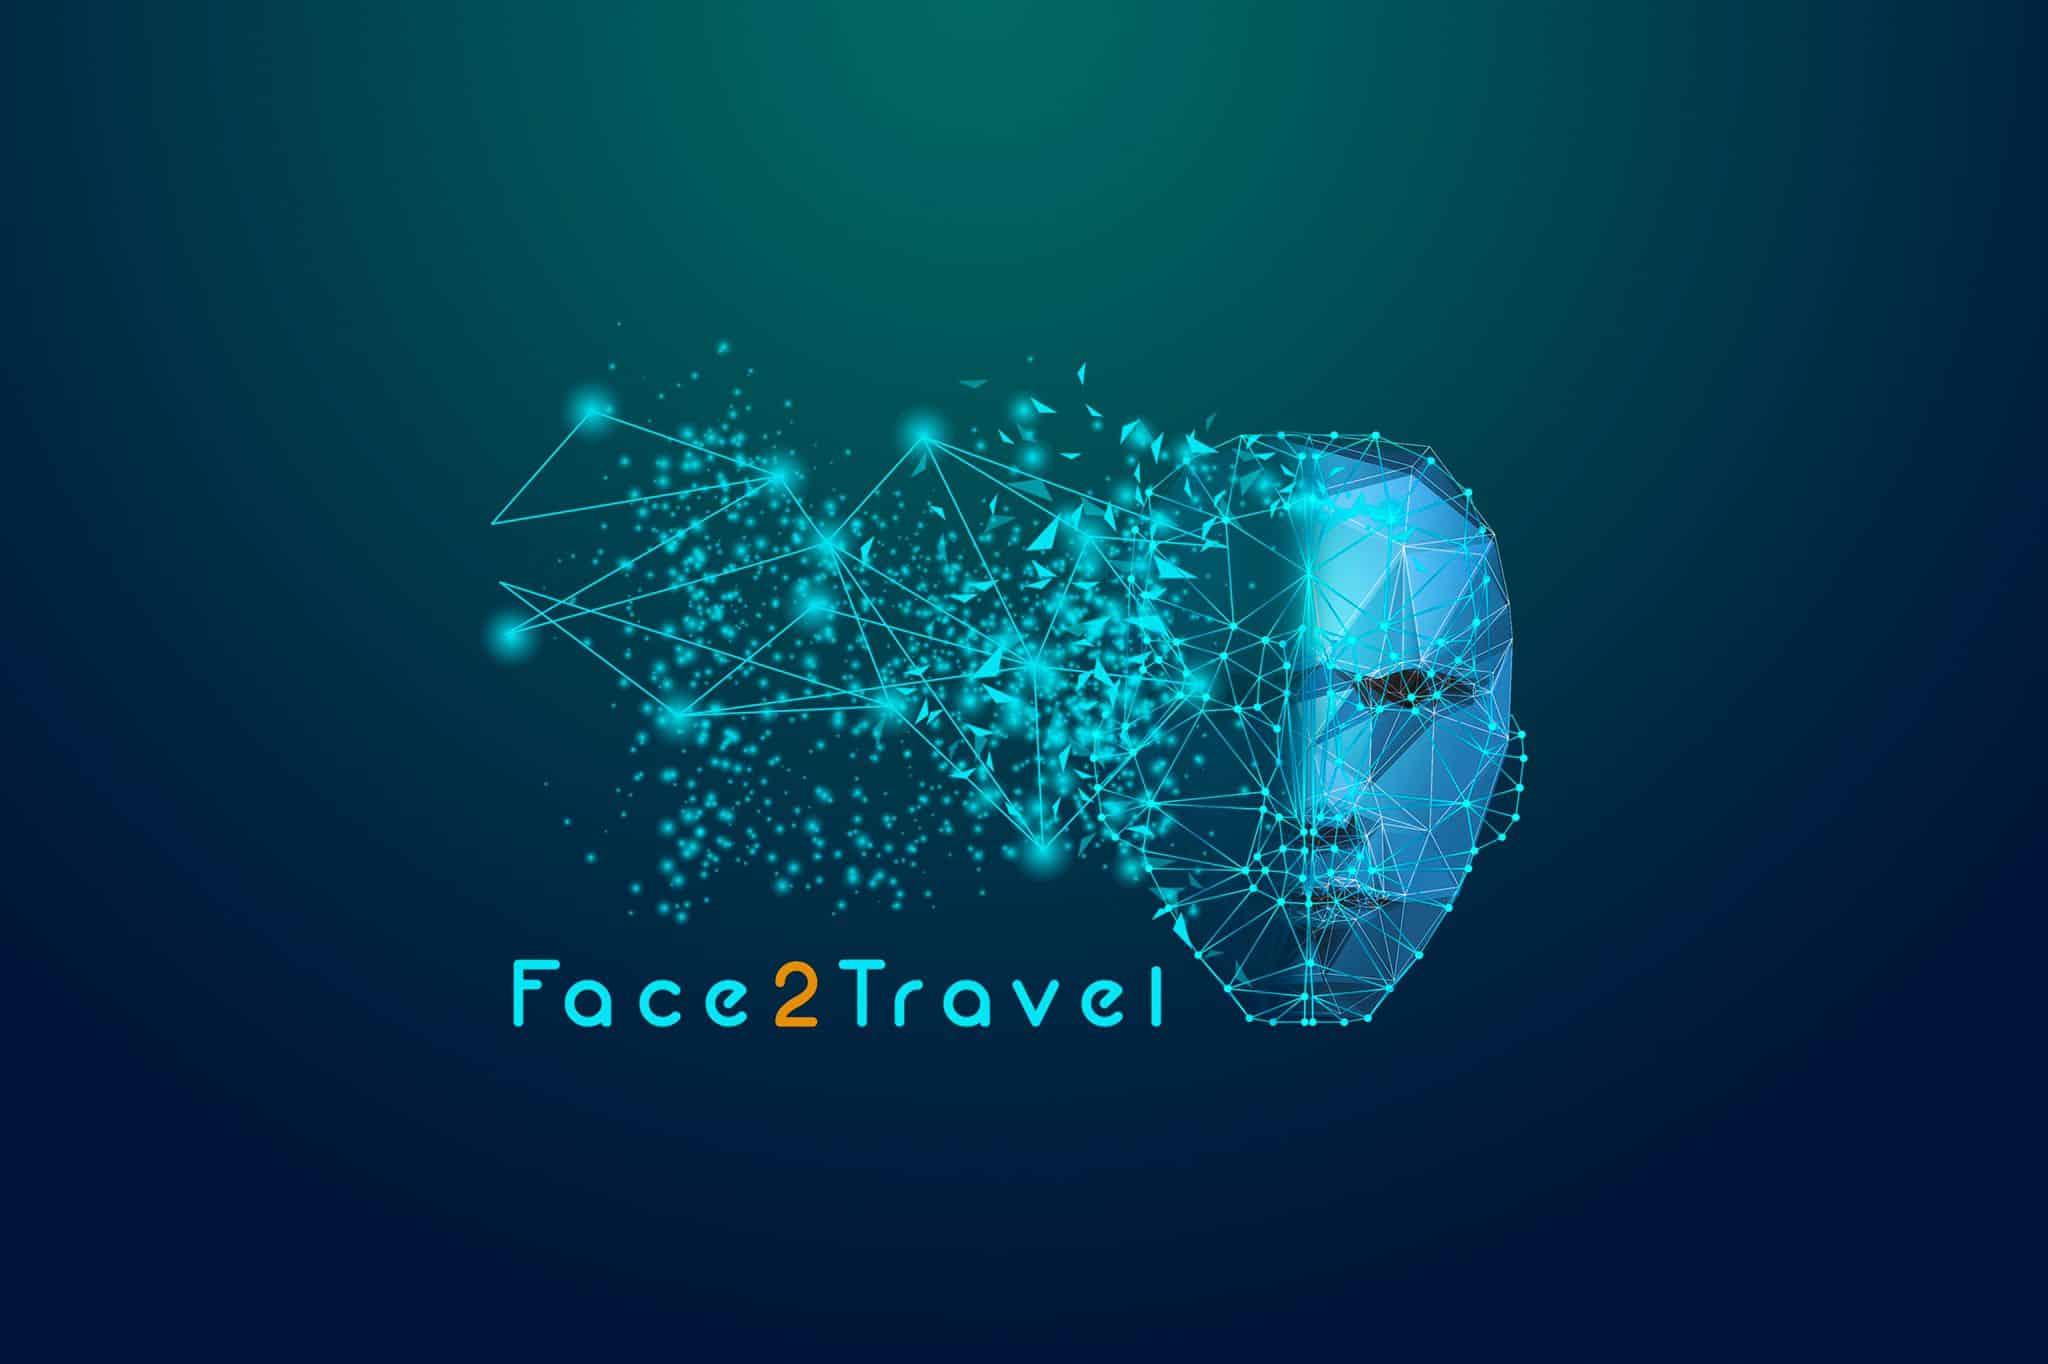 reconocimiento facial para hoteles face2travel